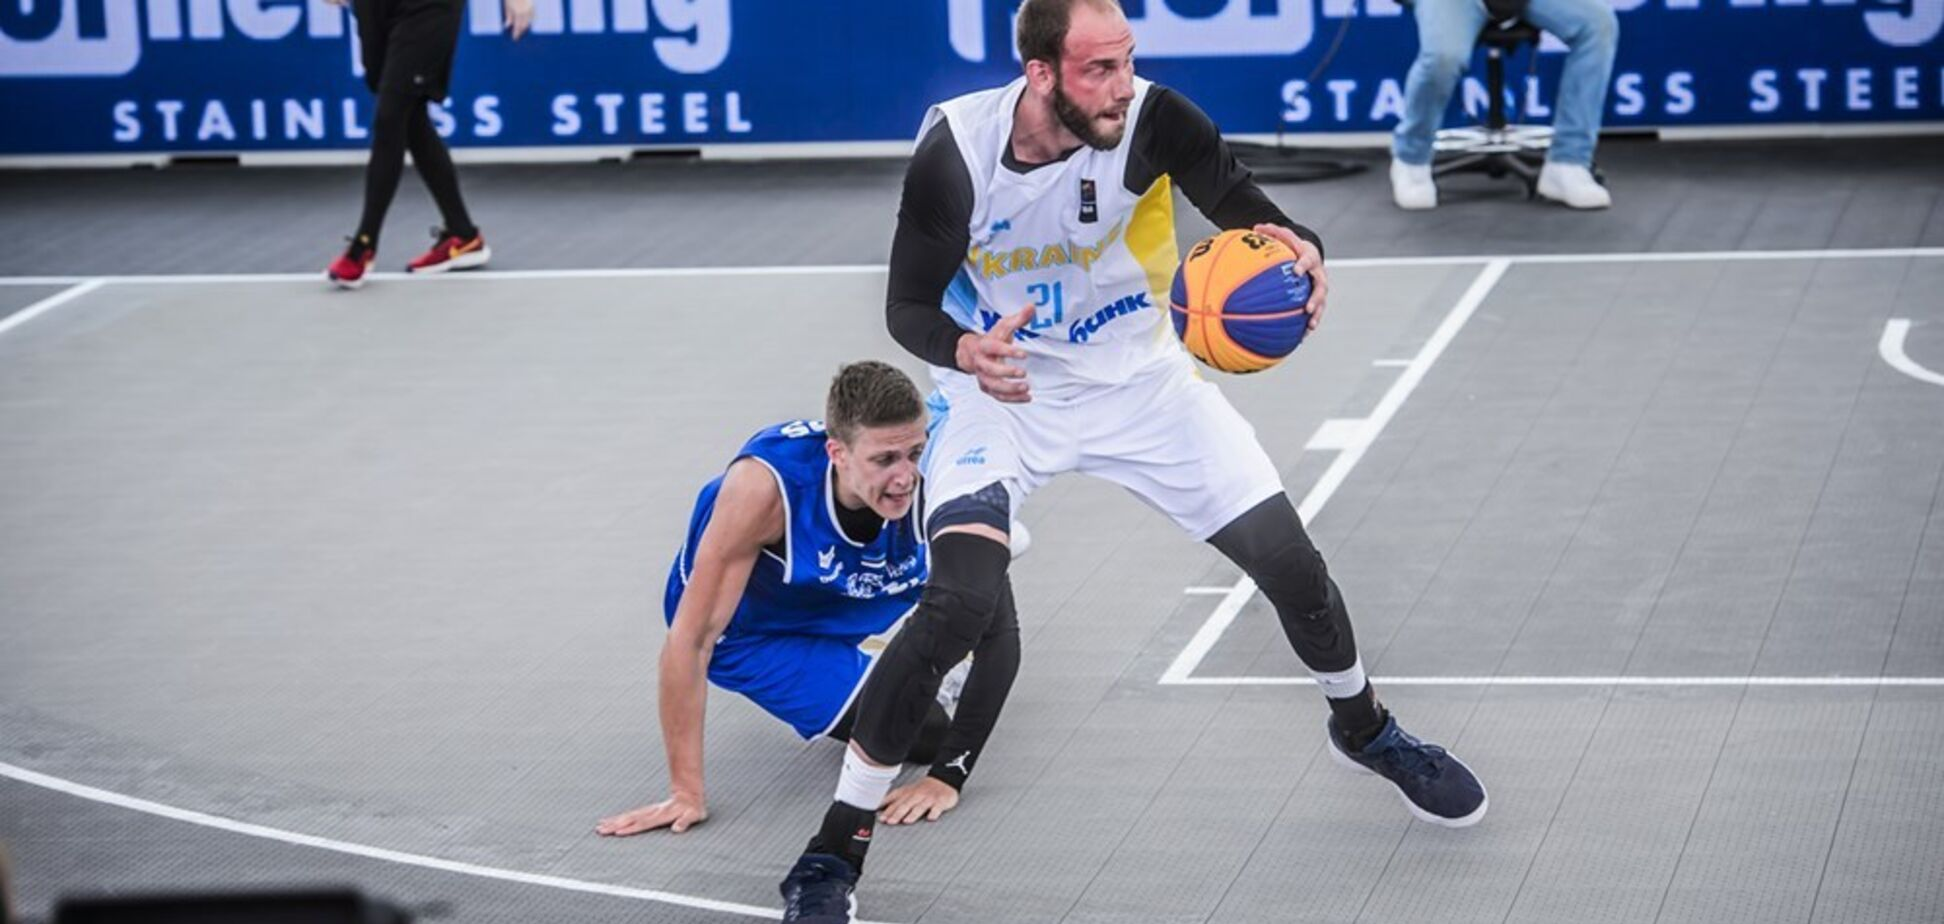 Украинцы вышли в четвертьфинал ЧМ по баскетболу 3х3, опередив Россию